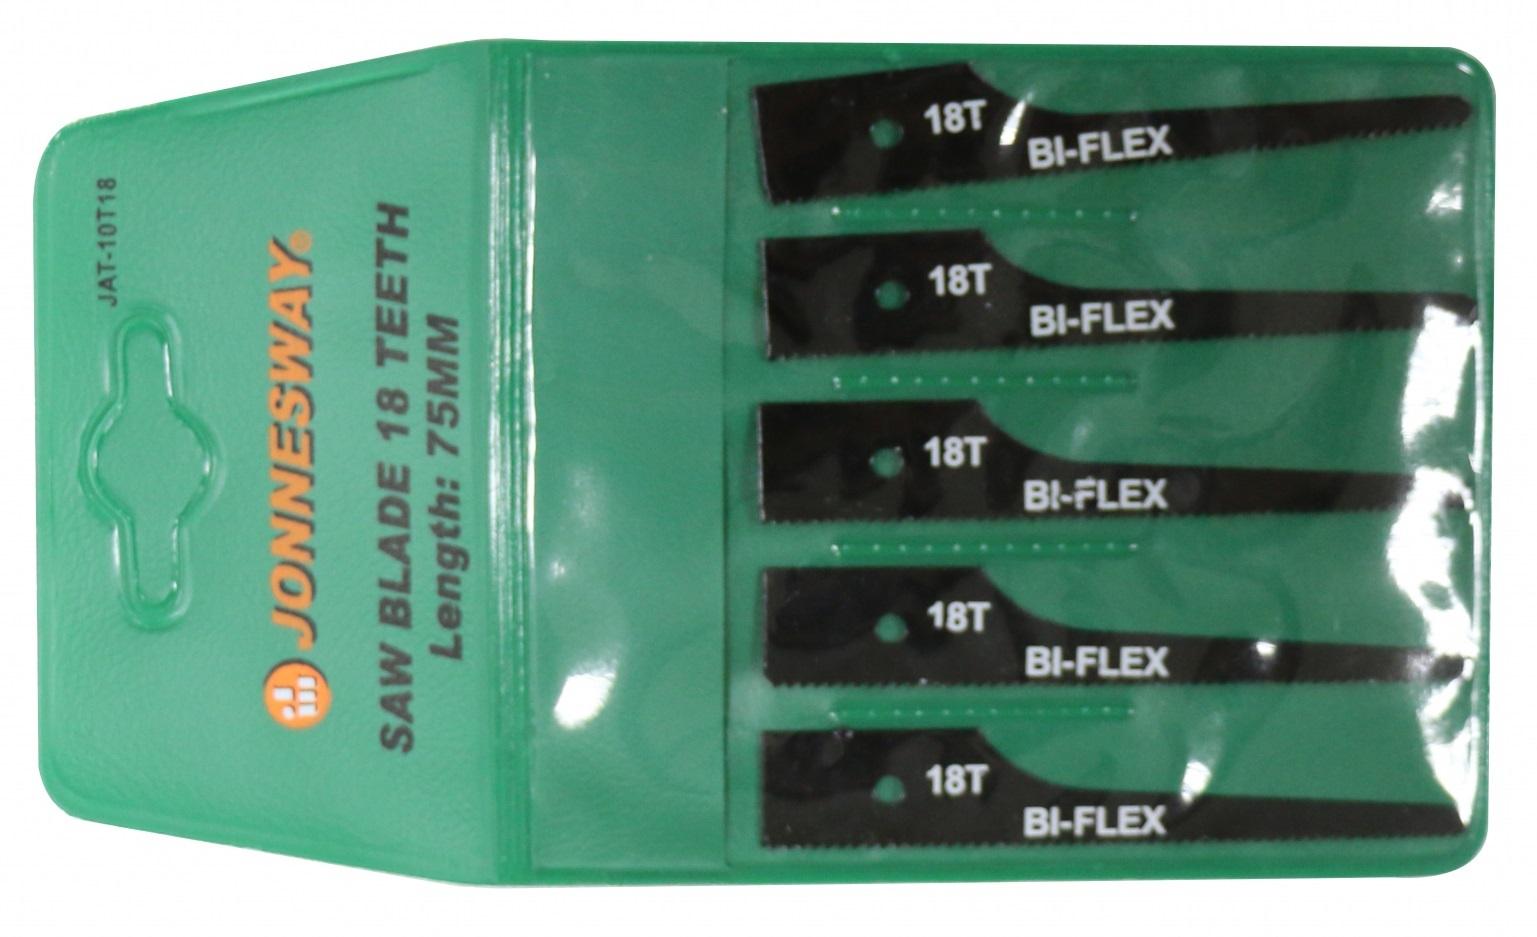 Pilové plátky, 18 zubů/palec, 5 ks, pro pneumatickou nízkovibrační pilu JONNESWAY JAT-1011